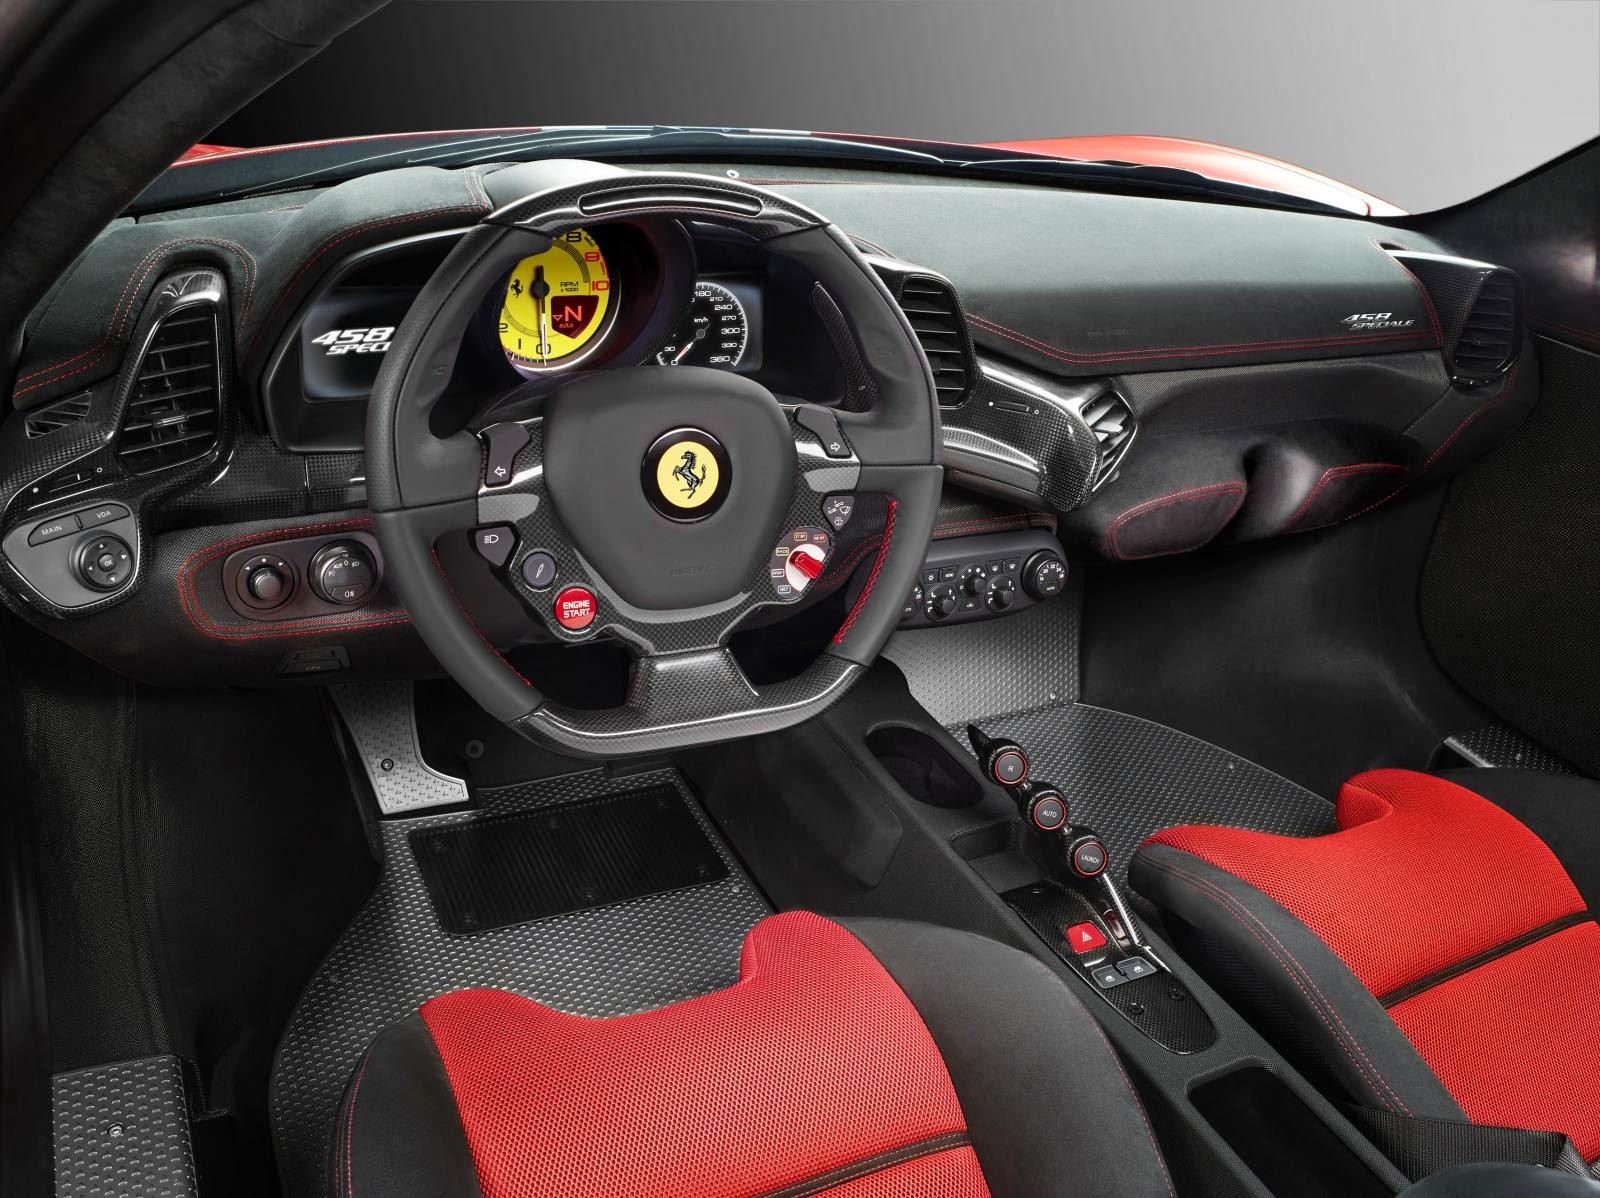 Ferrari 458 Speciale, interior